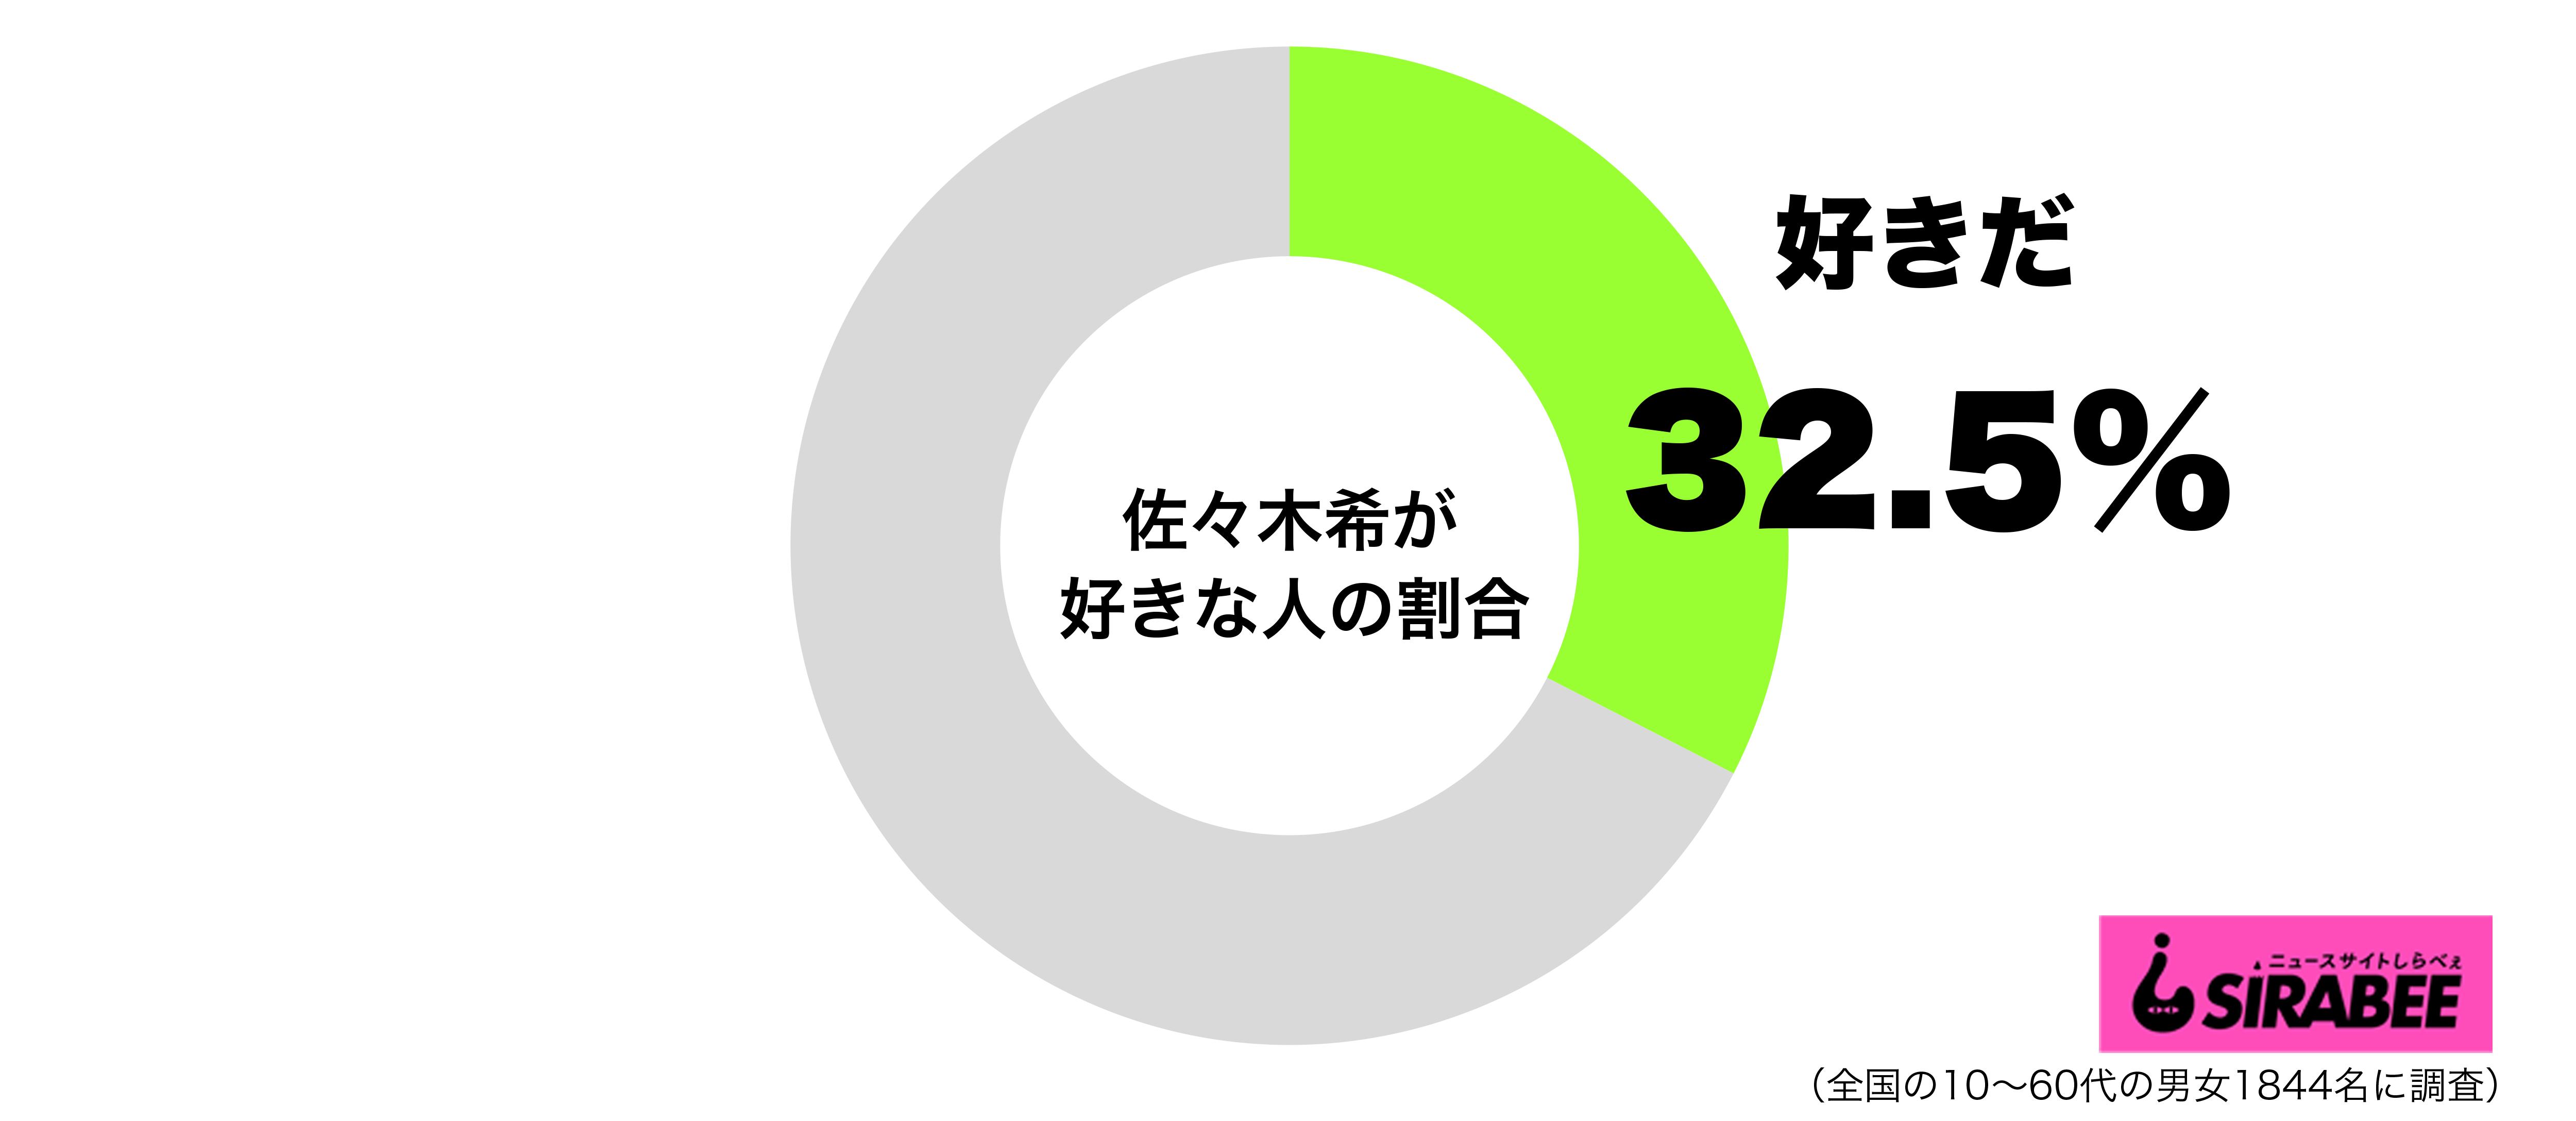 佐々木希が好きグラフ